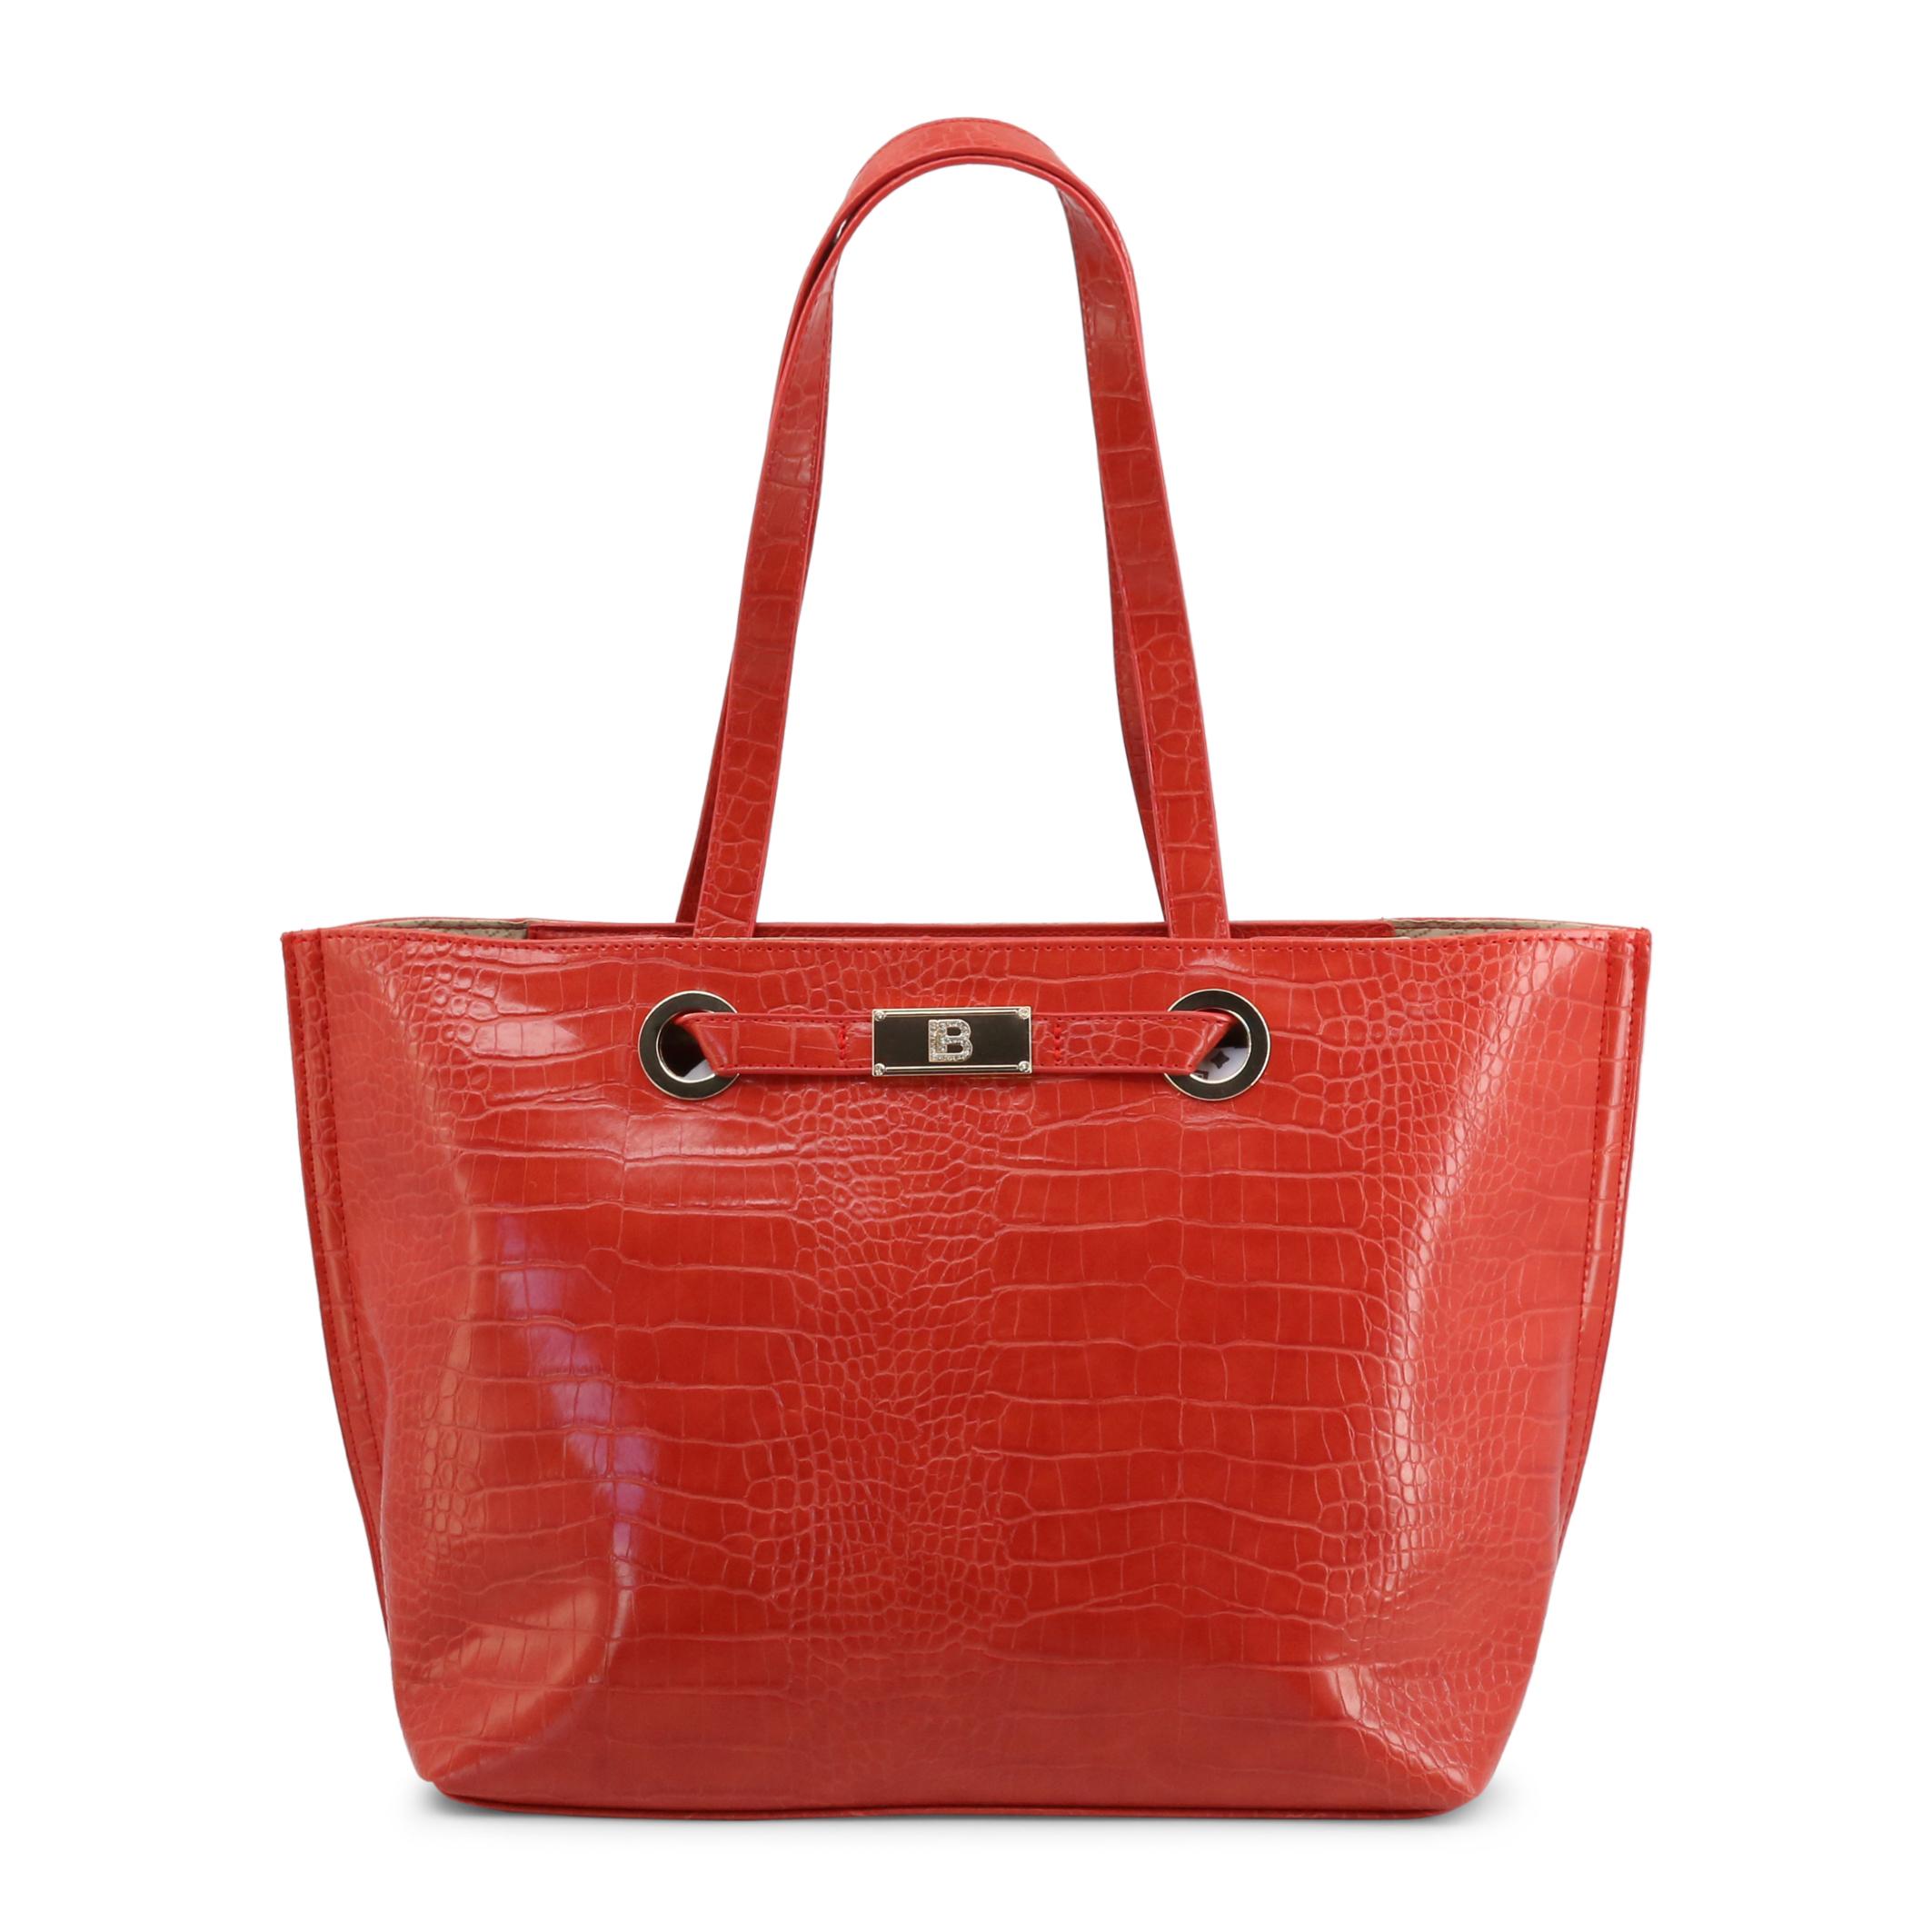 Laura Biagiotti – Arkell_250-1 – Rood Designeritems.nl